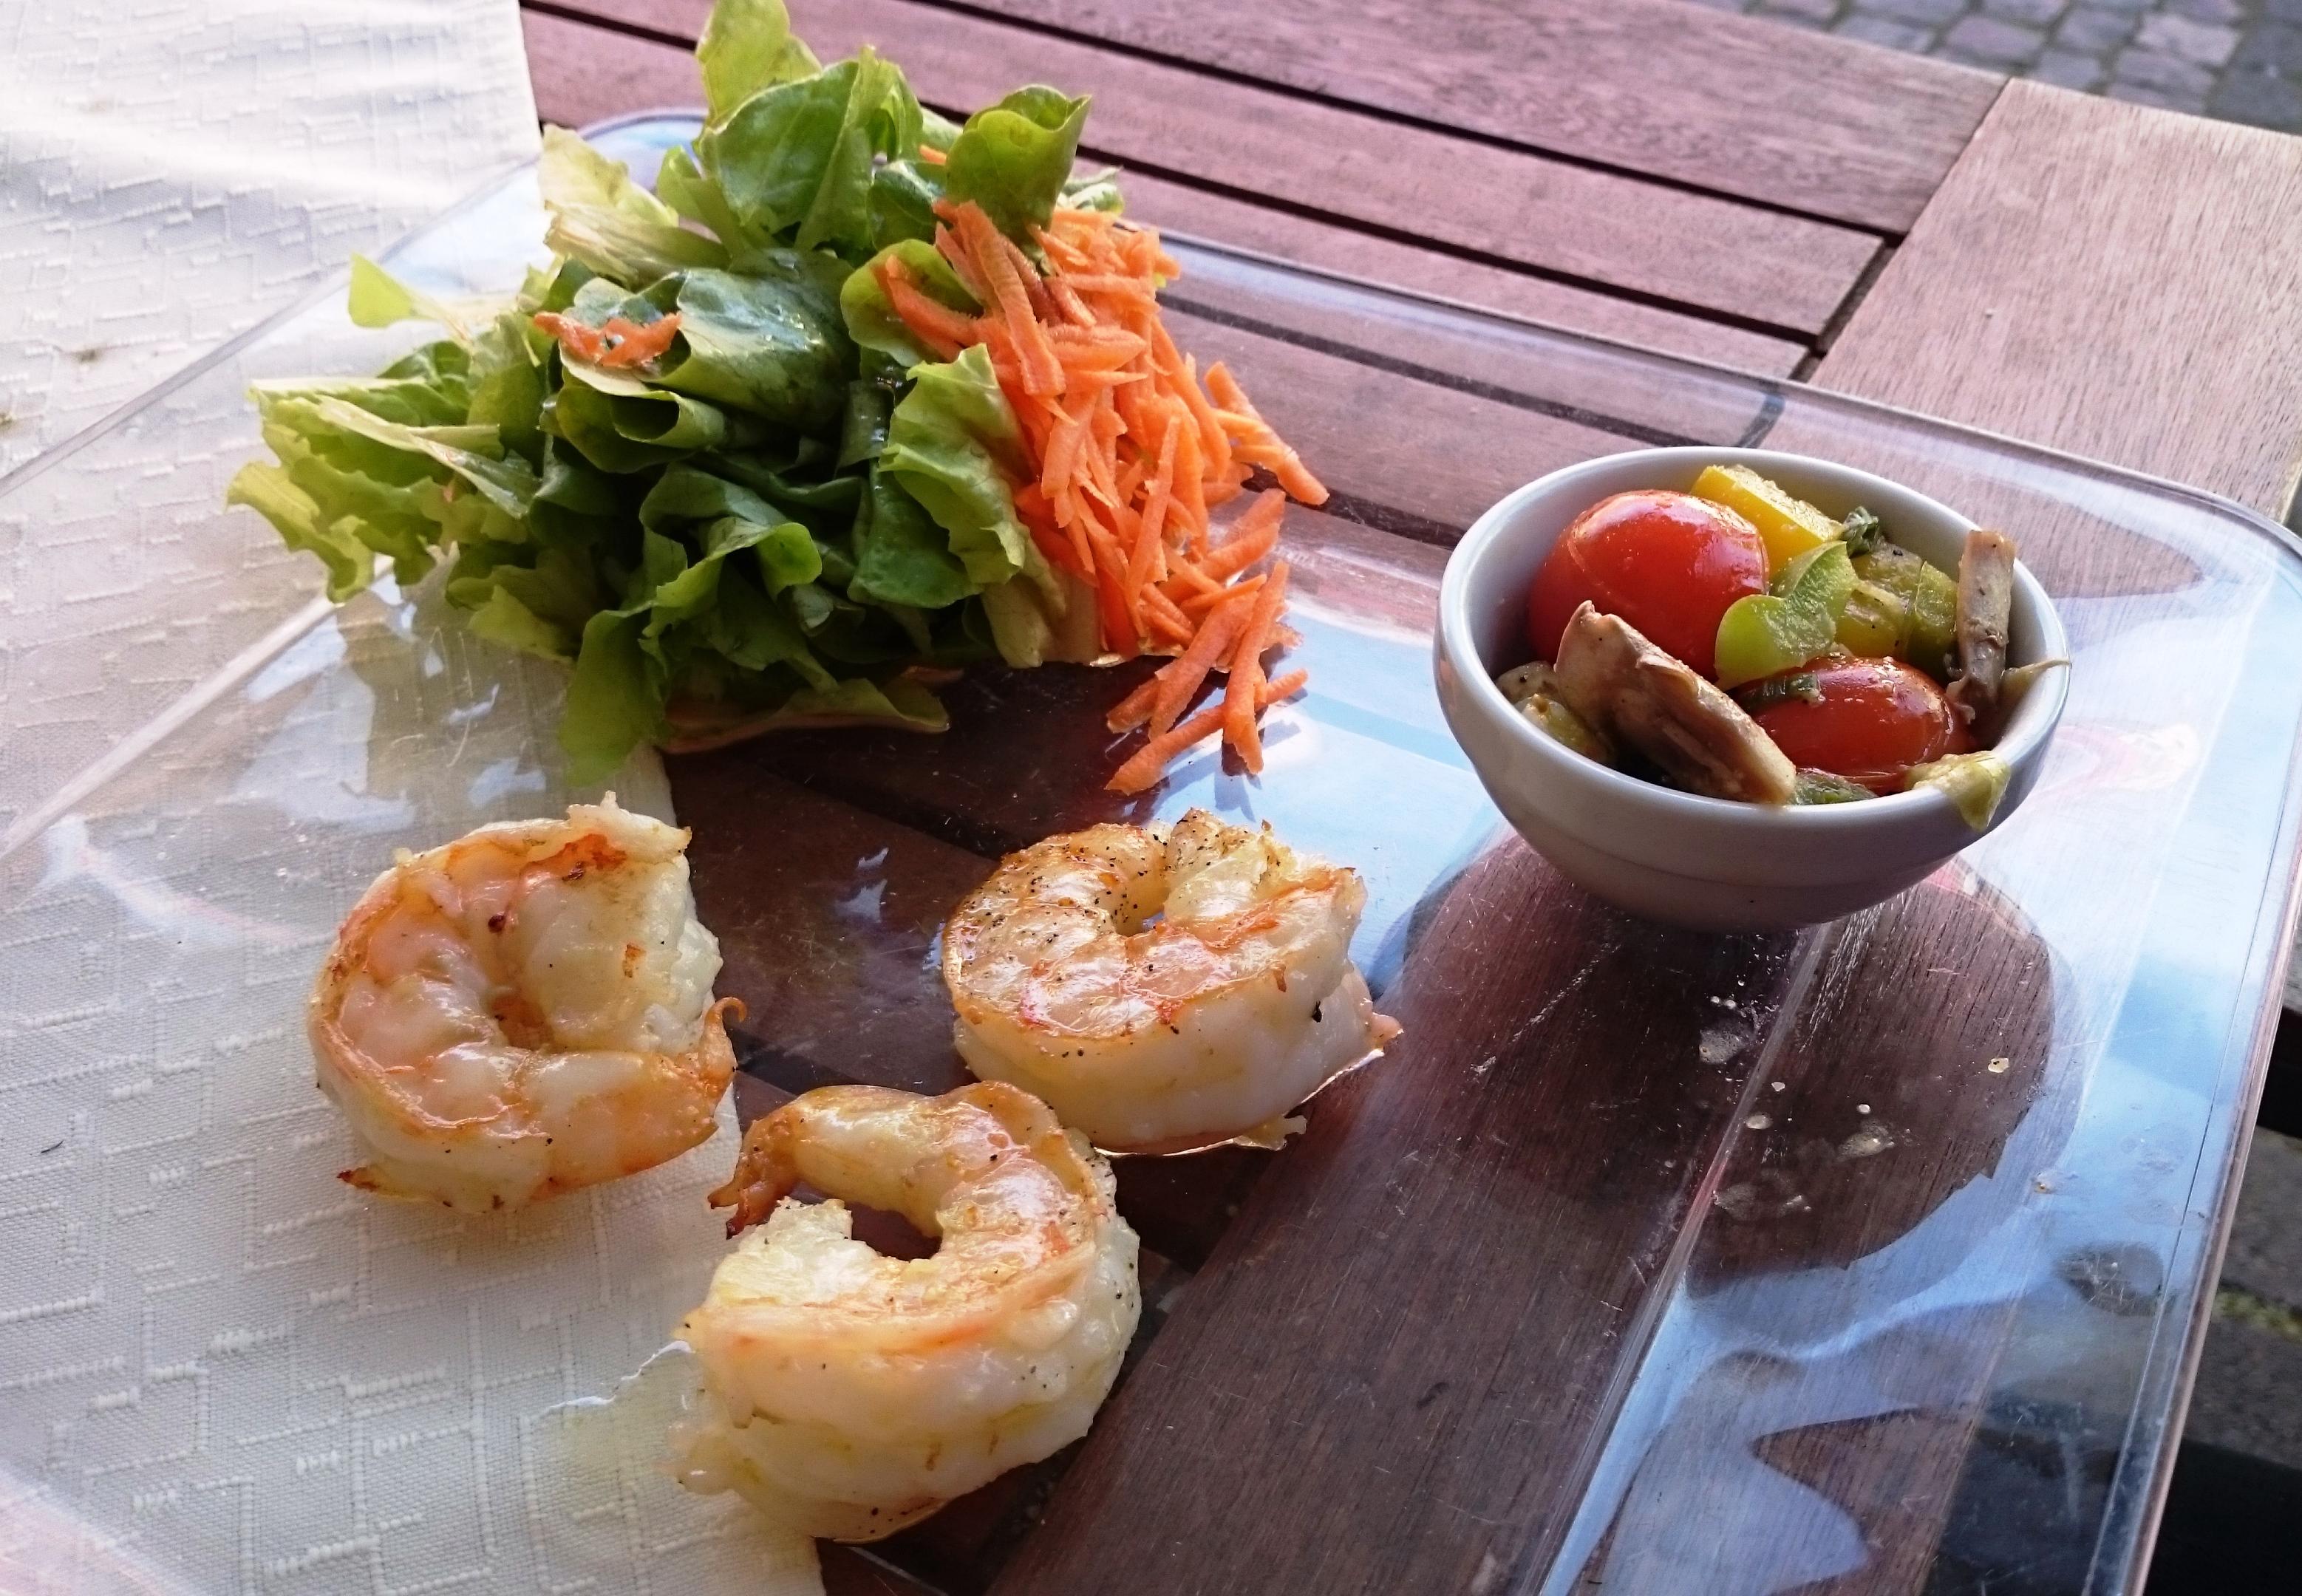 Vorspeise: Garnelen mit Salatbouquet